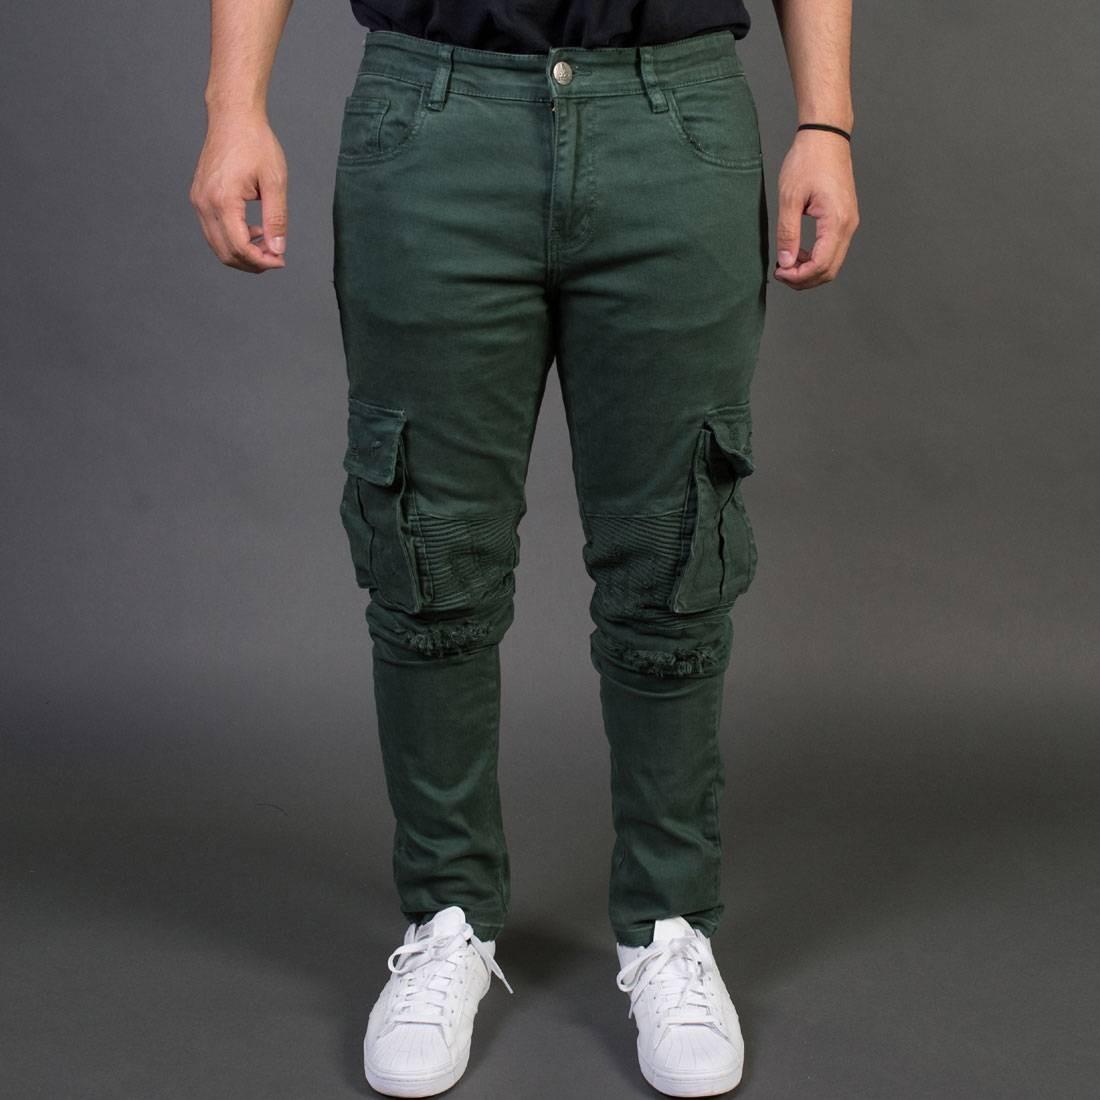 【海外限定】カーゴ ズボン メンズファッション 【 EMBELLISH NYC MEN LIAM CARGO BIKER JEANS GREEN ARMY 】